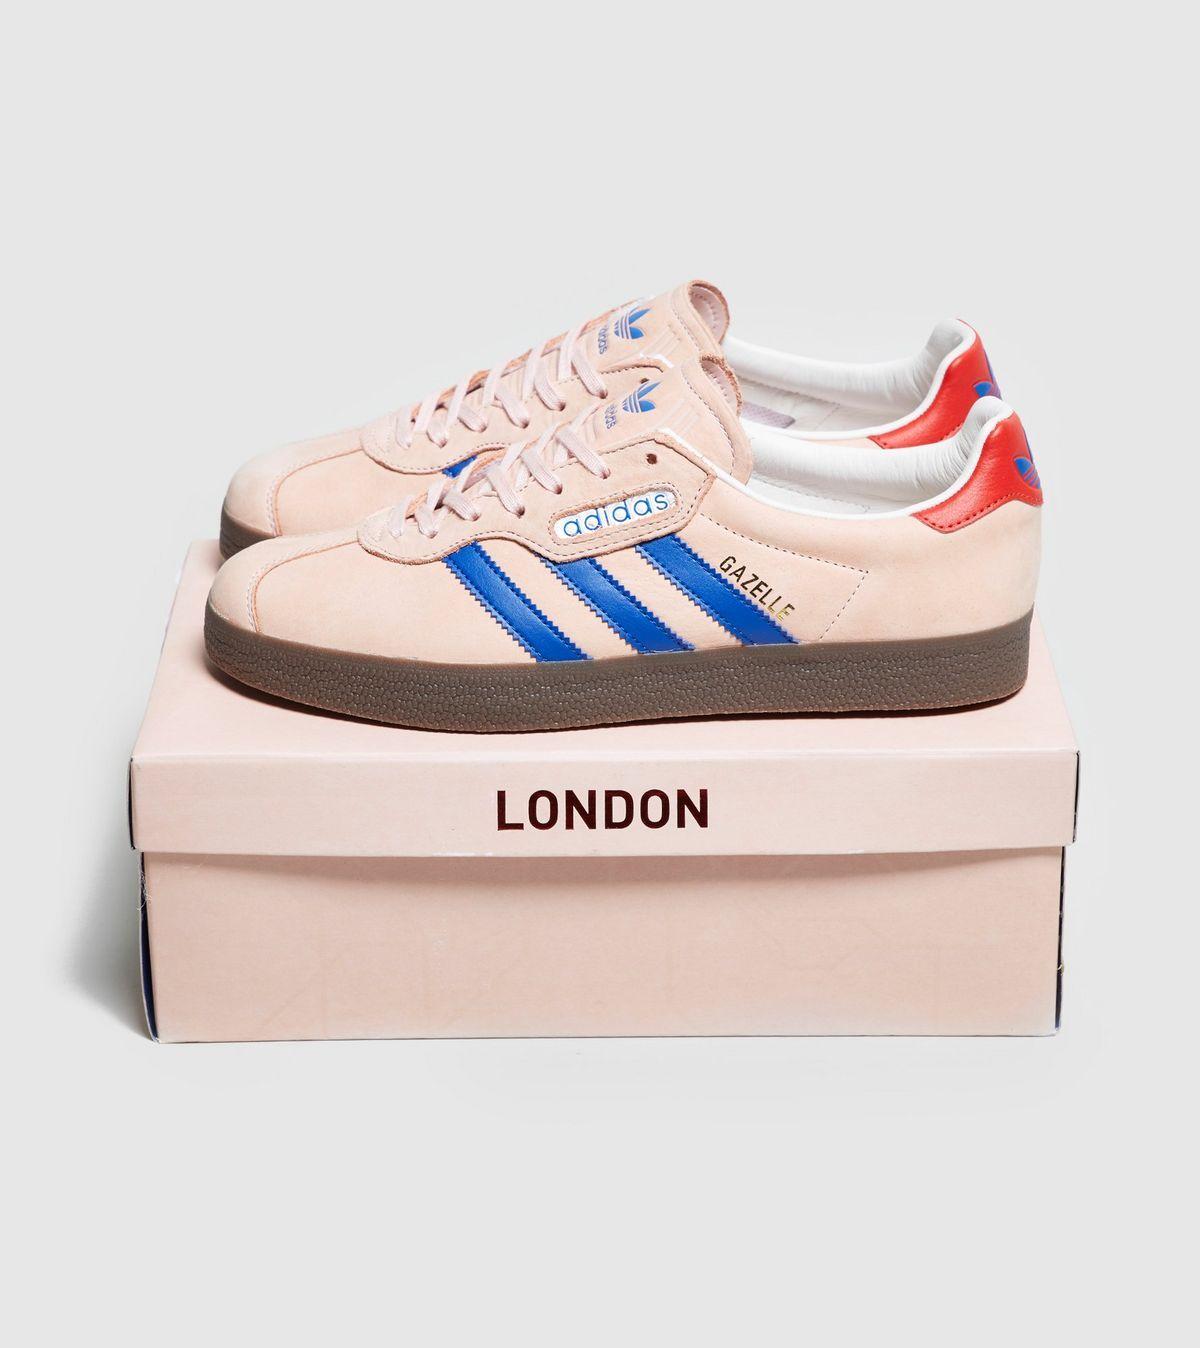 75ab9910de adidas Originals London to Manchester Gazelle Super size  Exclusive ...